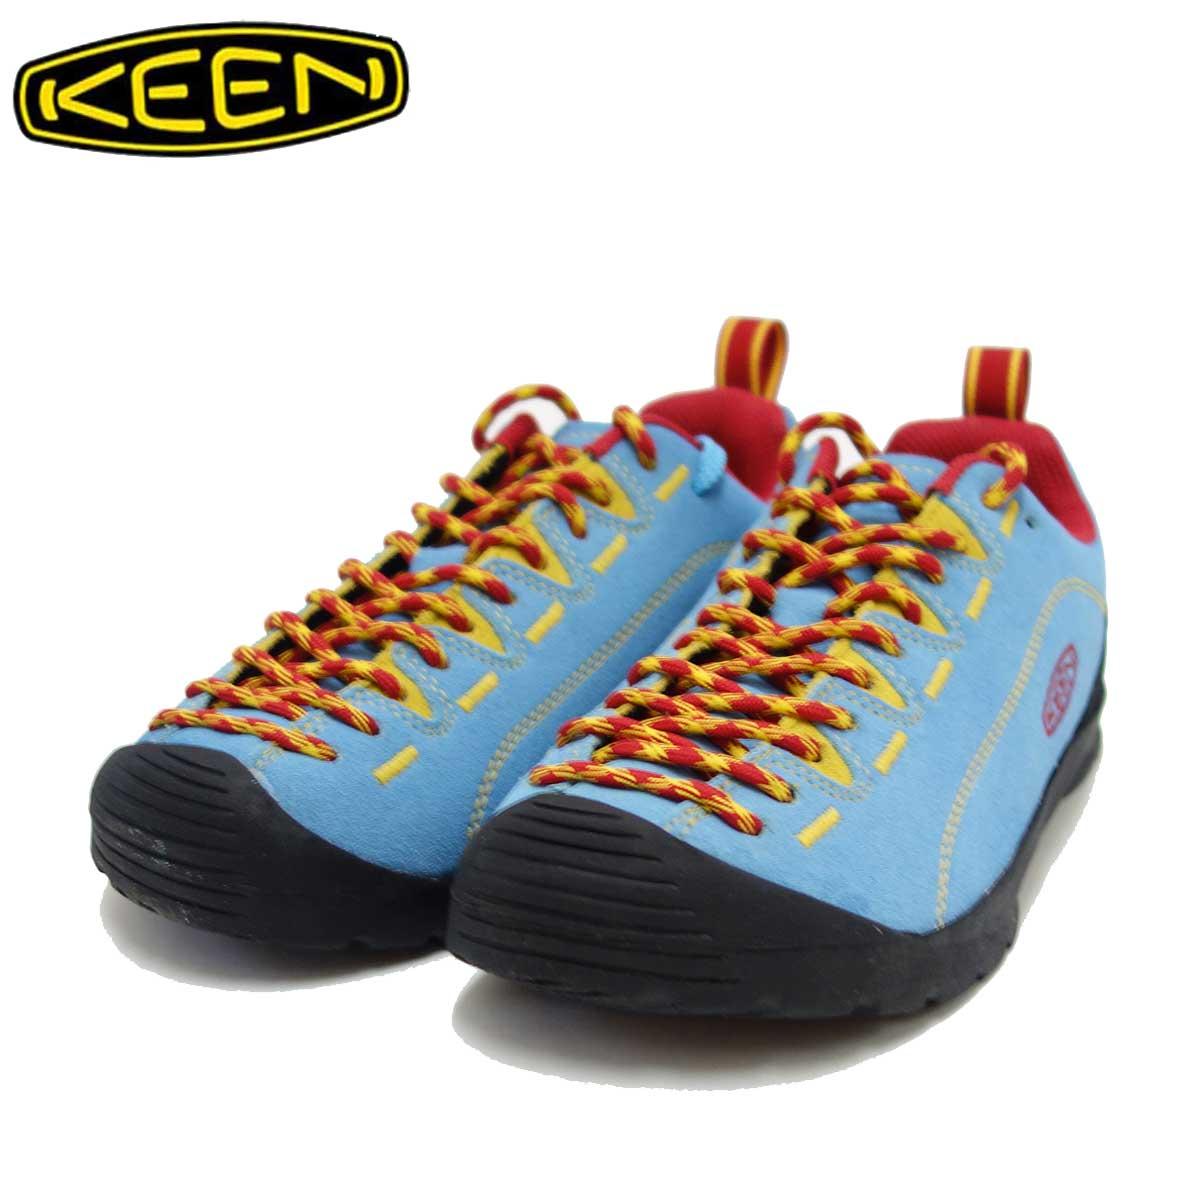 キーン KEEN JASPER ジャスパー 1020303(メンズ)カラー:Ethereal Blue / Lemon Chrome 「靴」